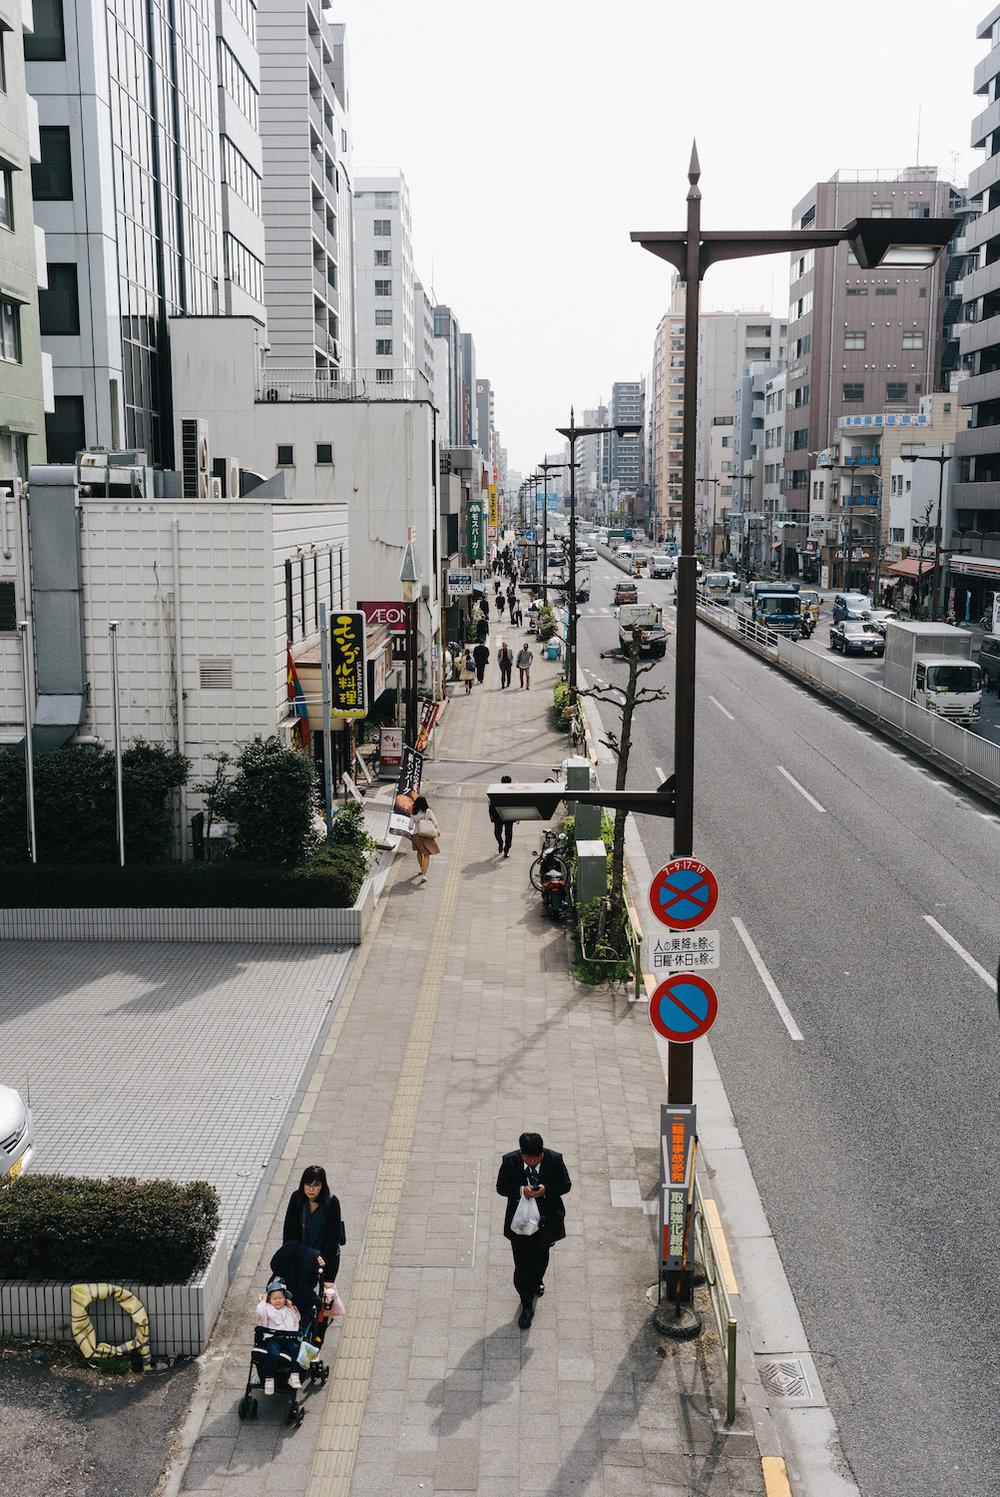 Streets of Ryogoku, Sumida, Tokyo.